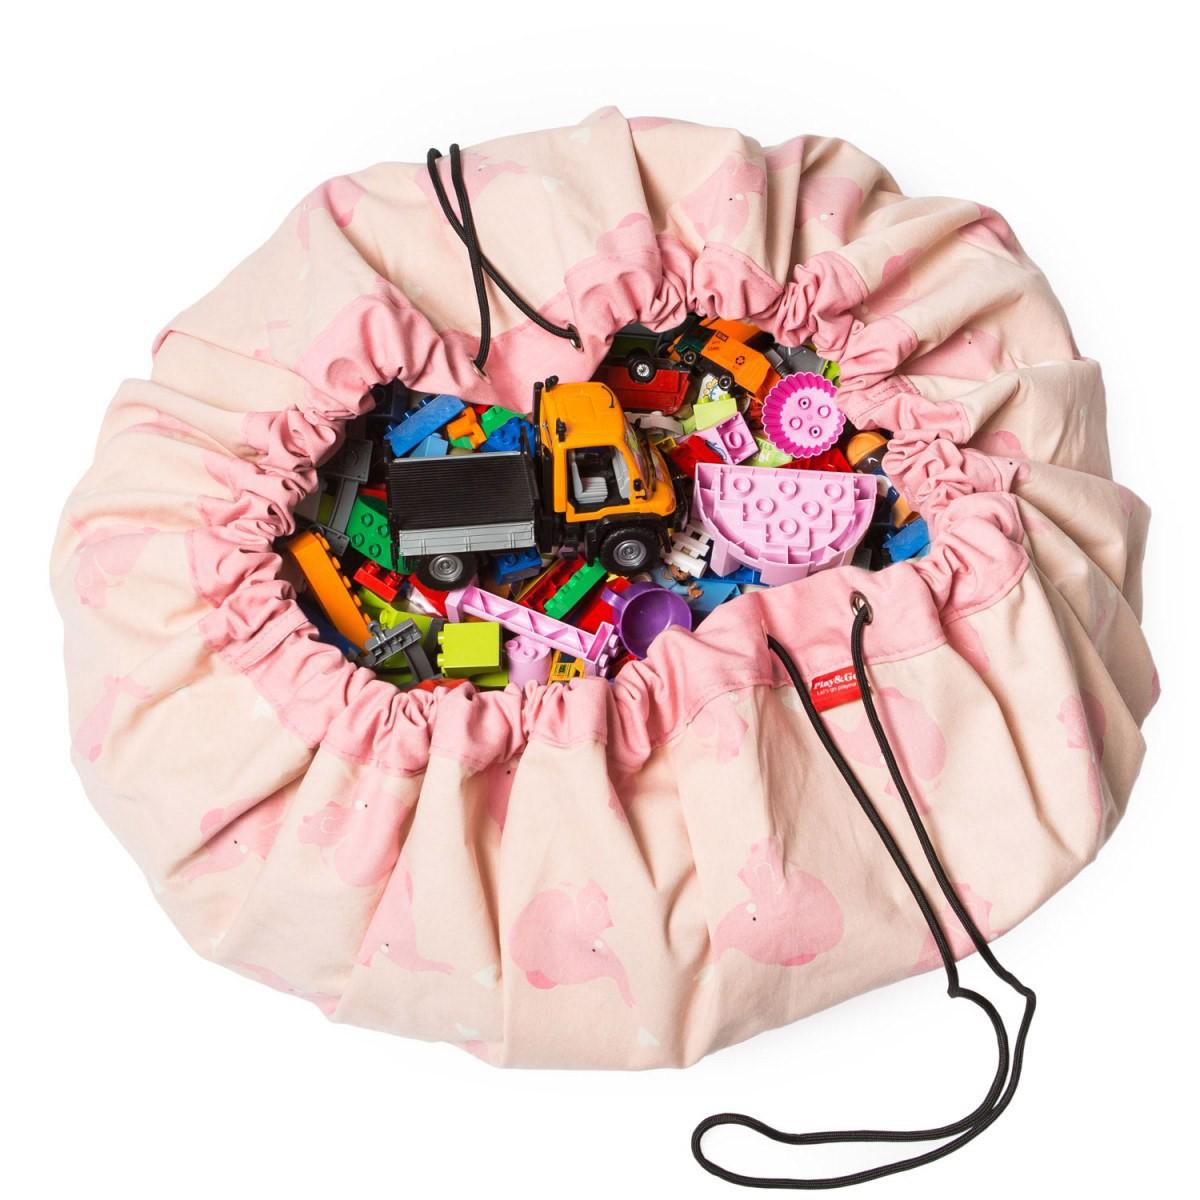 Σάκος/Στρώμα Παιχνιδιού Play&Go Pink Elephant